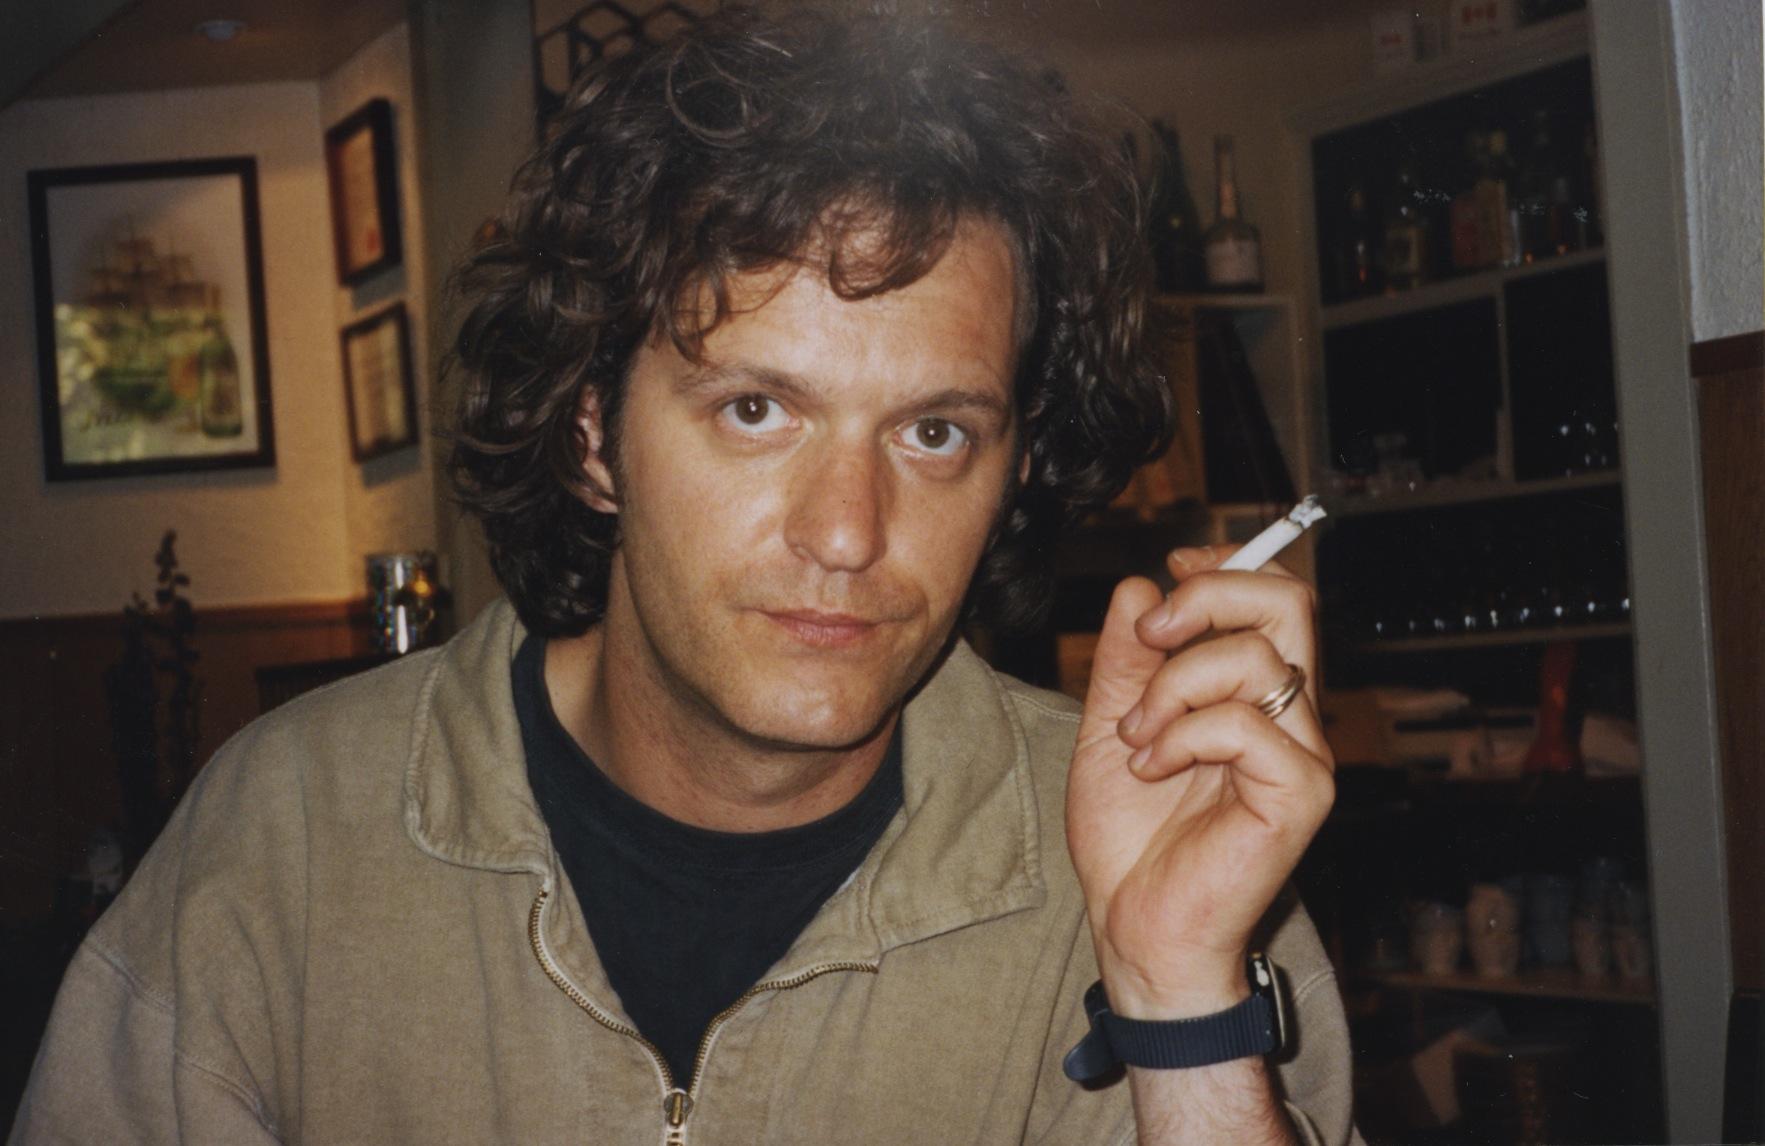 Lars Beckstrøm